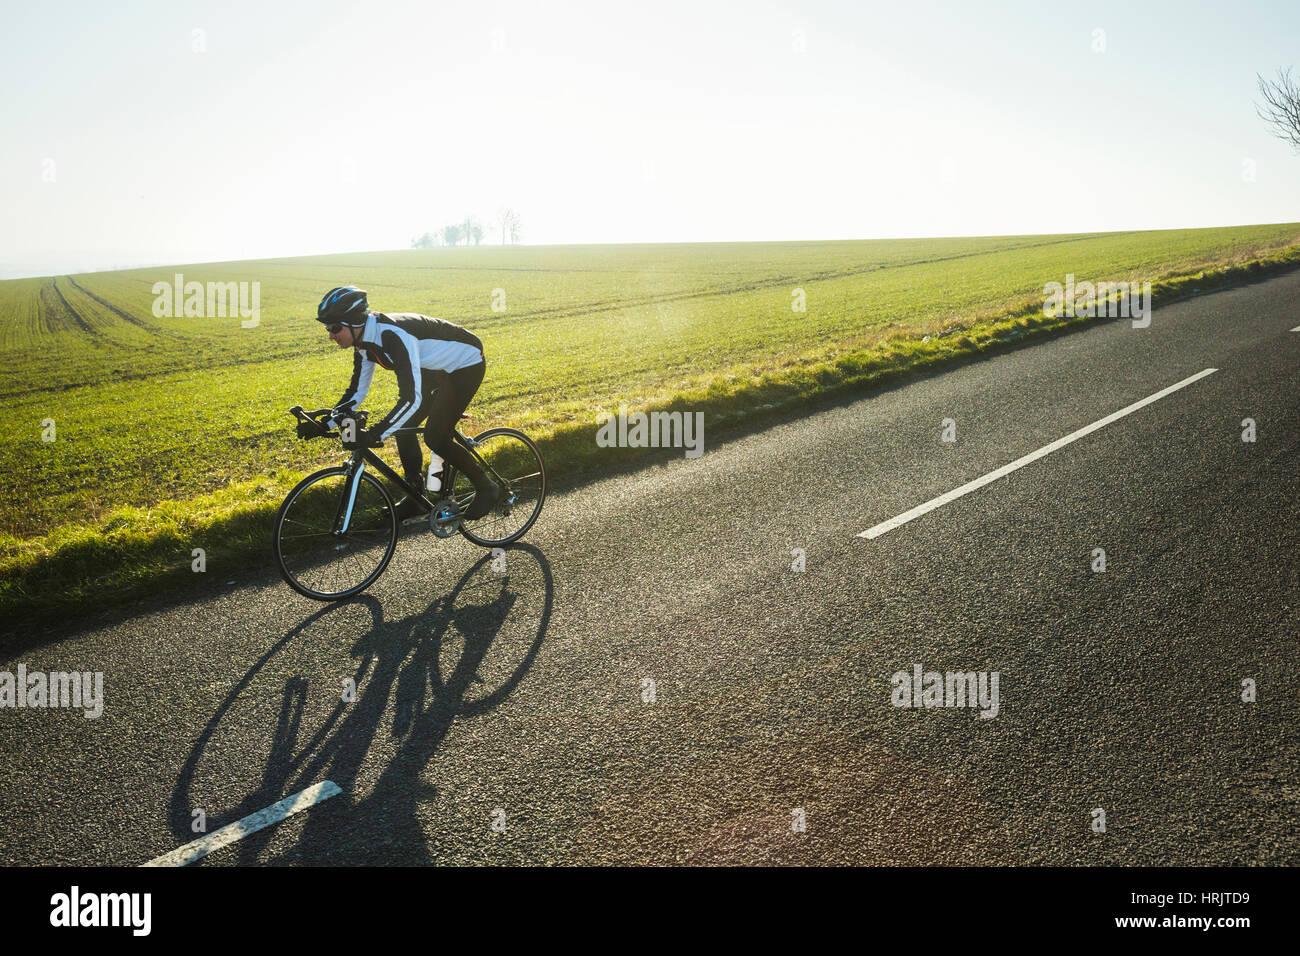 Ein Radsportler entlang einer Landstraße, an einem klaren sonnigen Wintertag. Schatten Sie auf der Fahrbahn. Stockbild